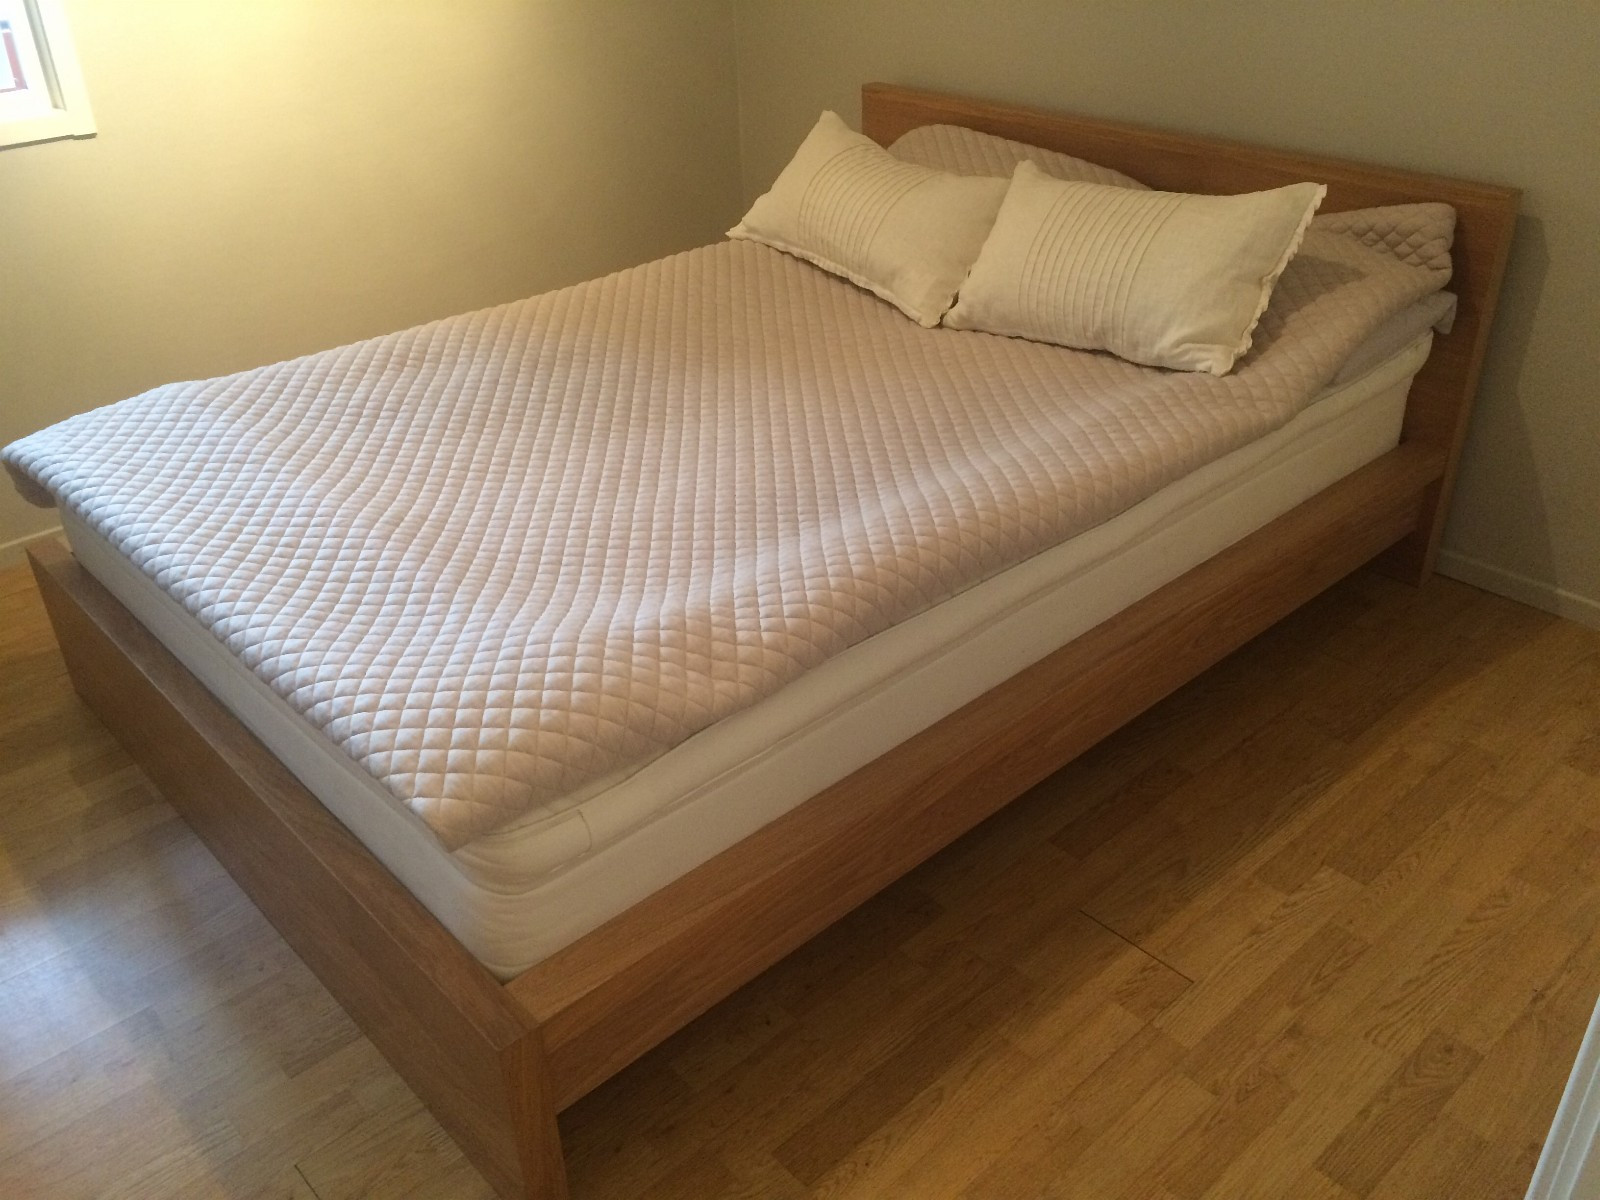 Pent brukt dobbeltseng selges - Oslo  - Pent brukt seng selges grunnet flytting.  Sengen selges uten madrass.  Tilhørende nattbord medfølger som kan monteres til seng.   B: 140 cm. L: 210 cm.   Må hentes. - Oslo